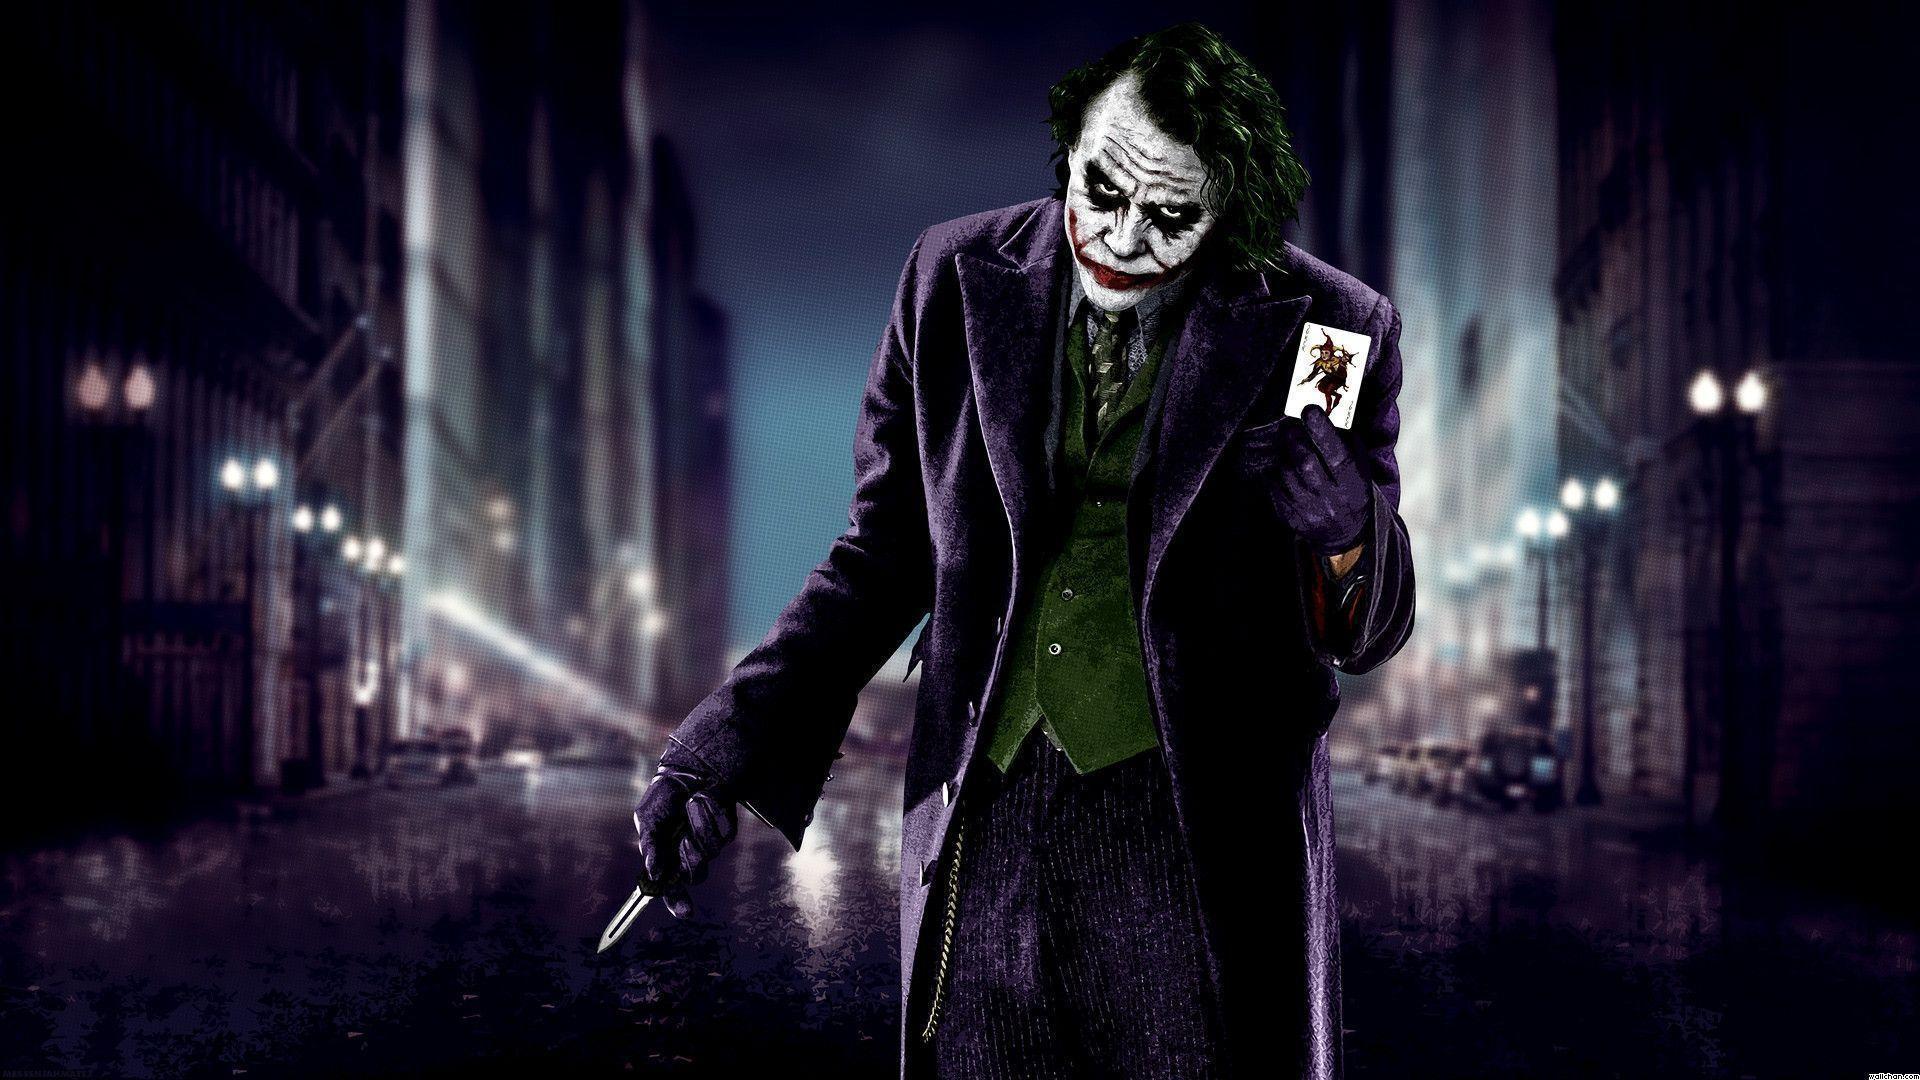 Memes For Batman And Joker Wallpaper